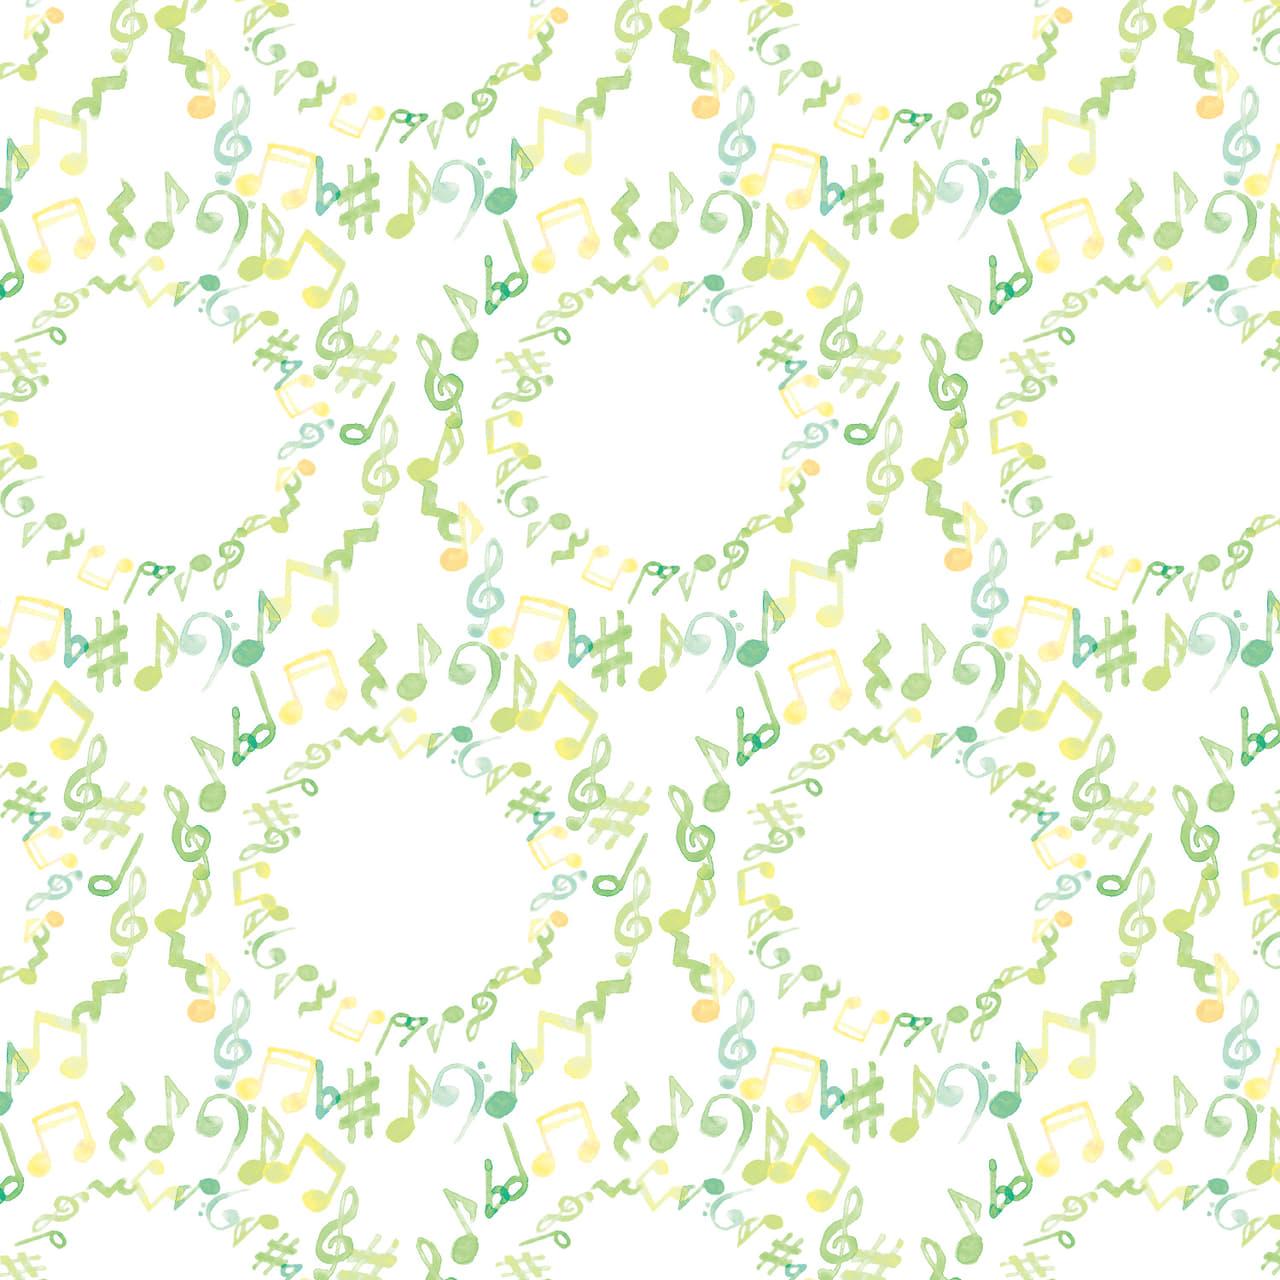 水彩で描いた音符のラッピング素材 黄緑色ver